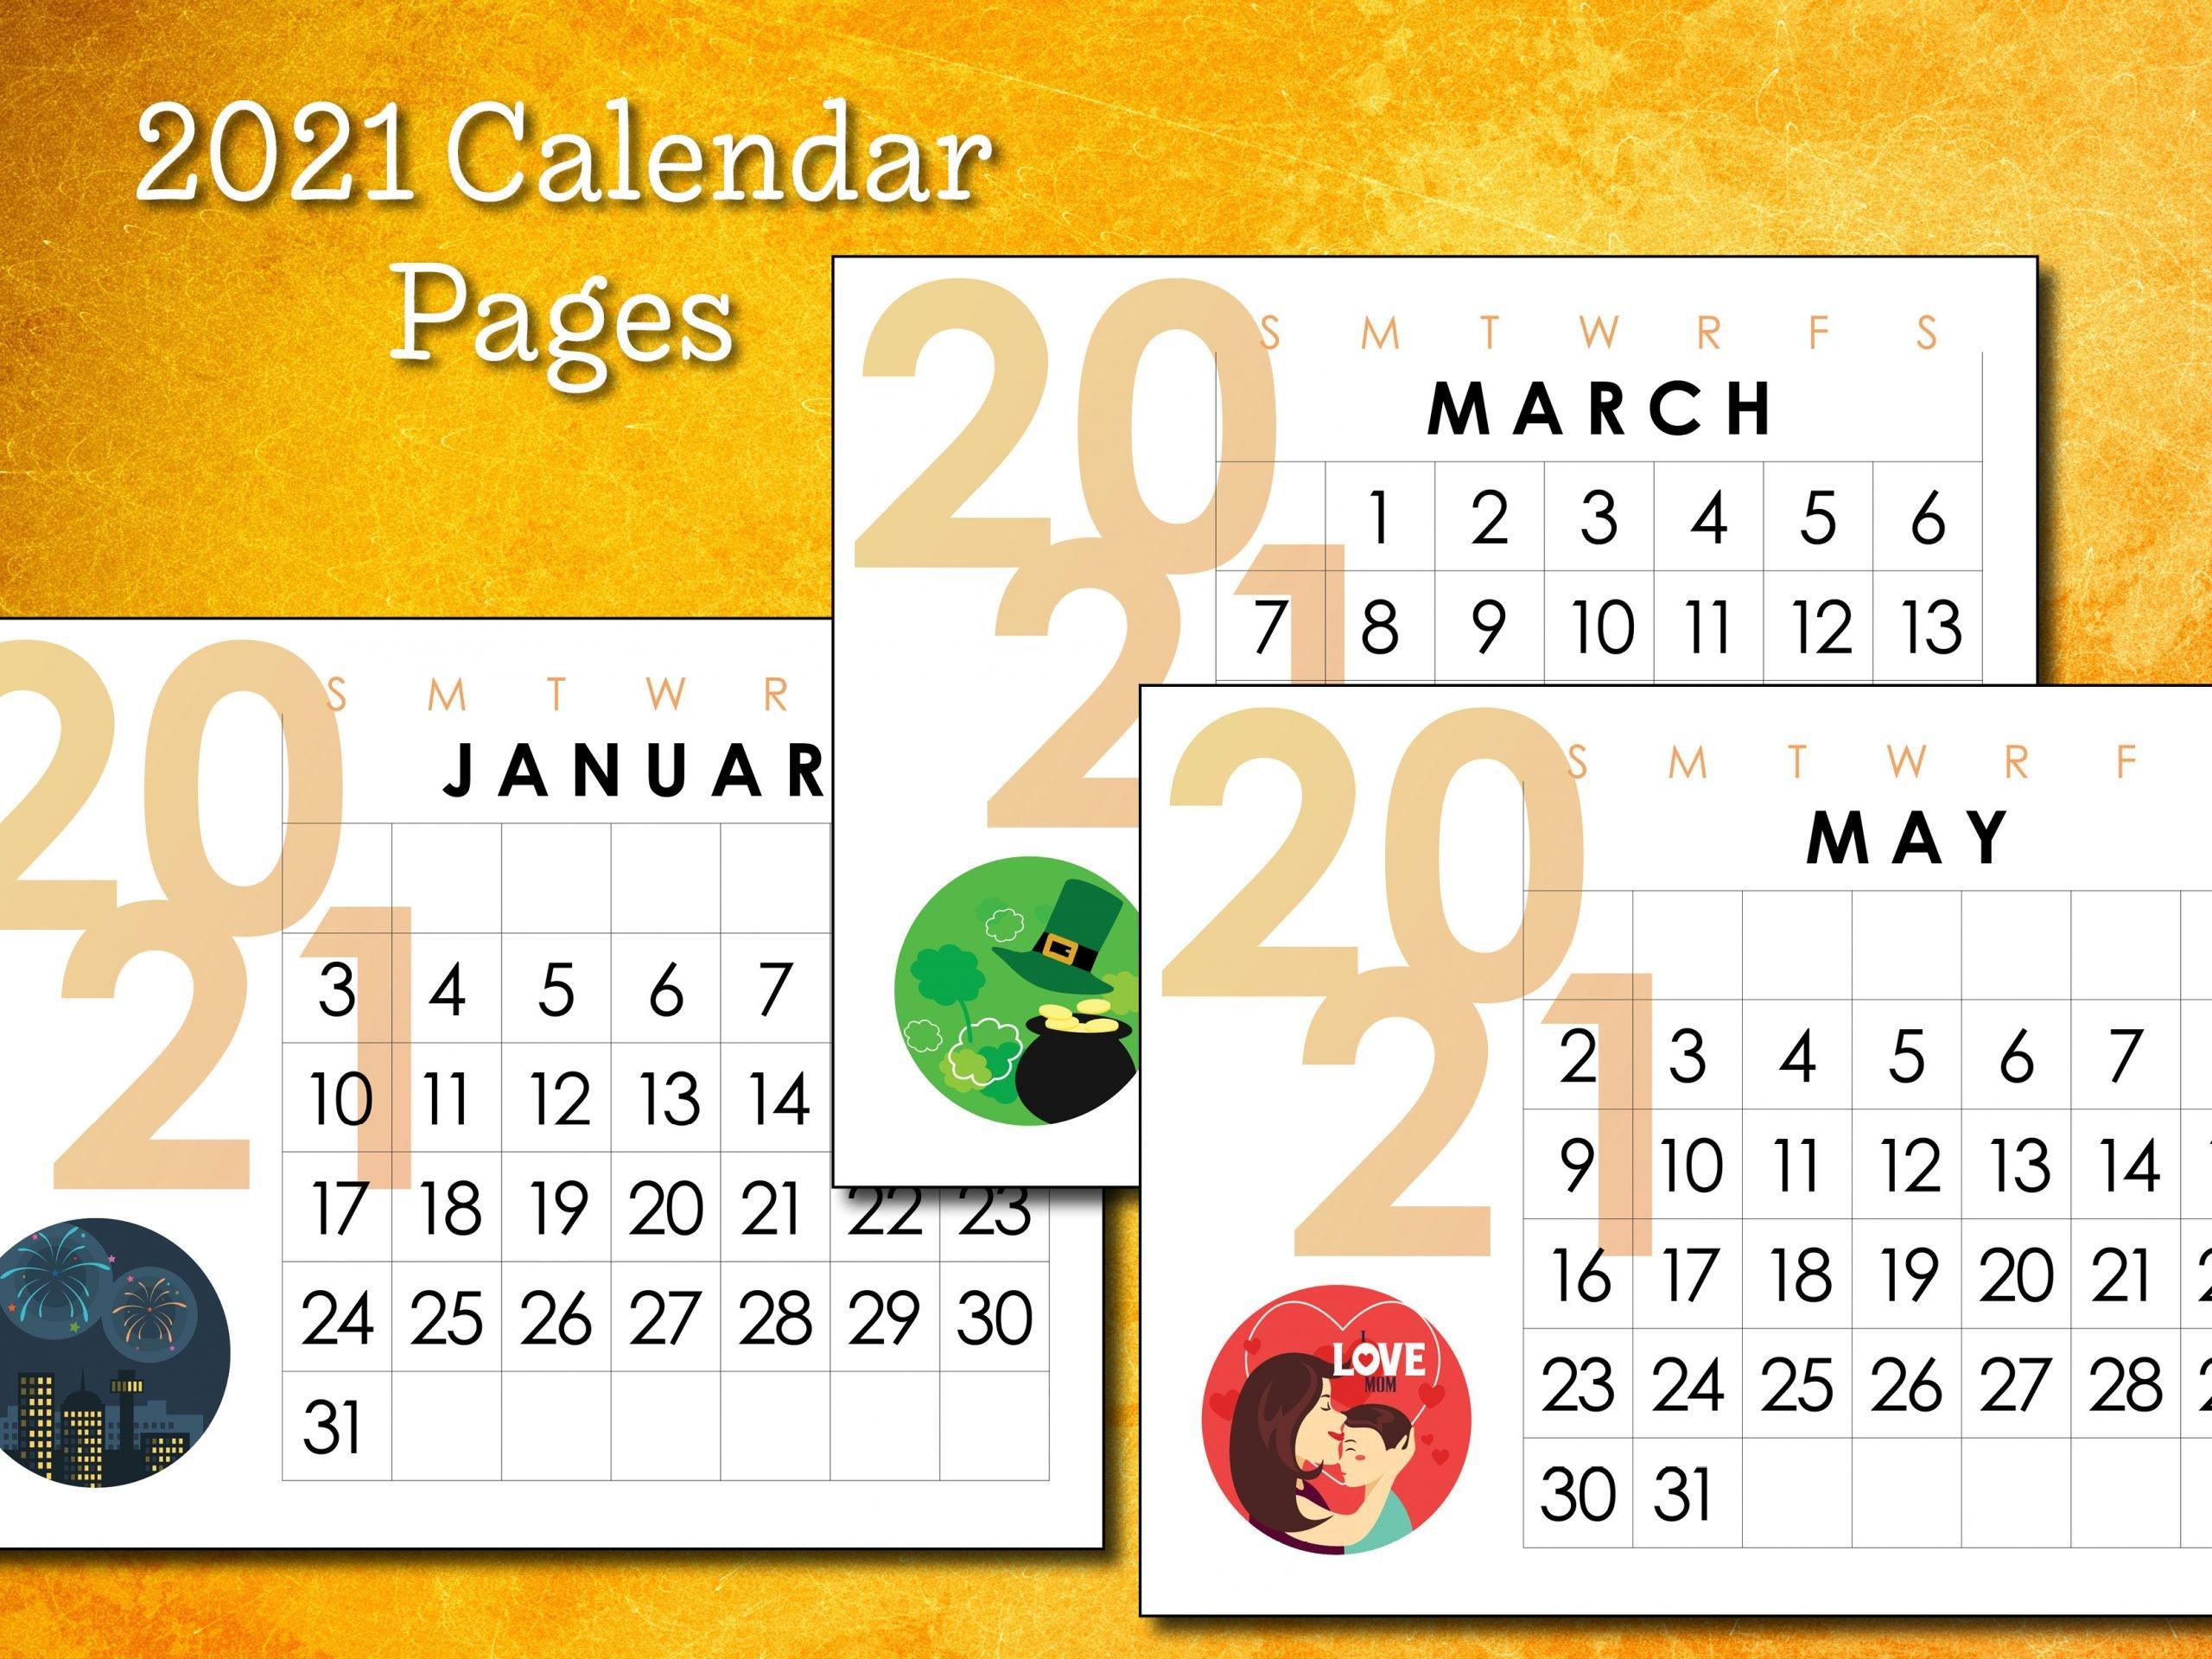 2021 Calendar Pages